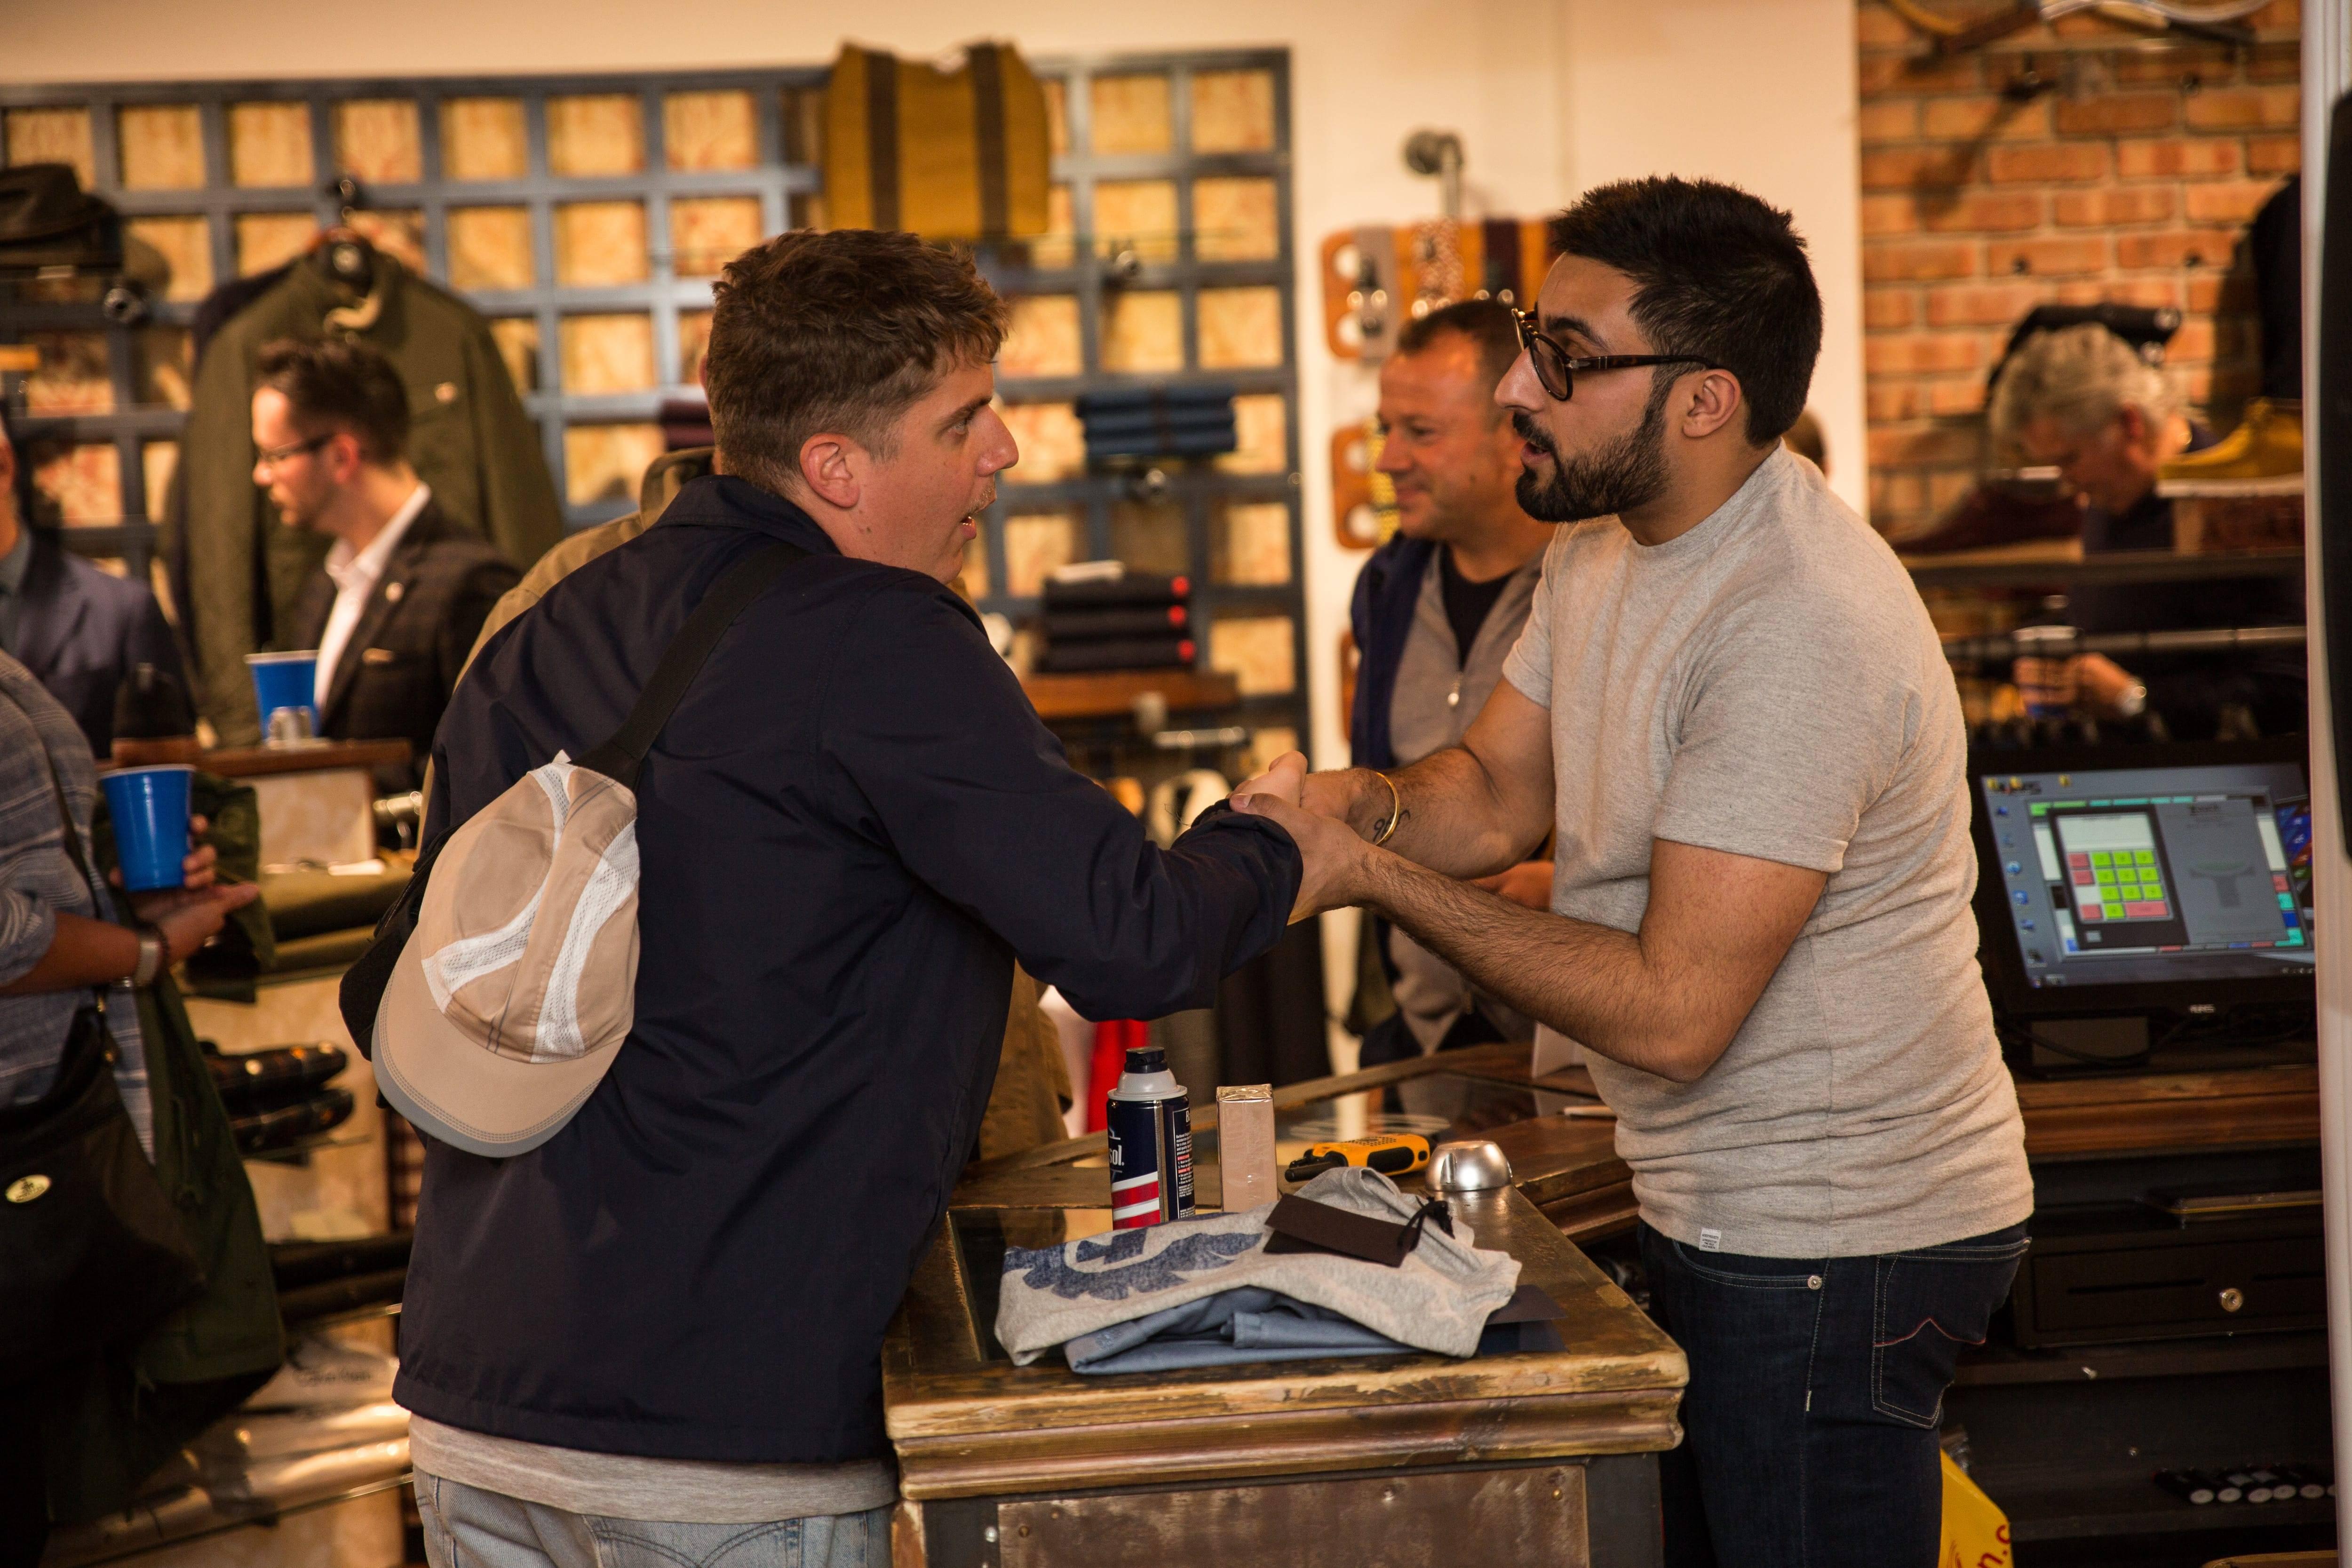 Магазин Stuarts London — от ателье до онлайн-гиганта за 51 год